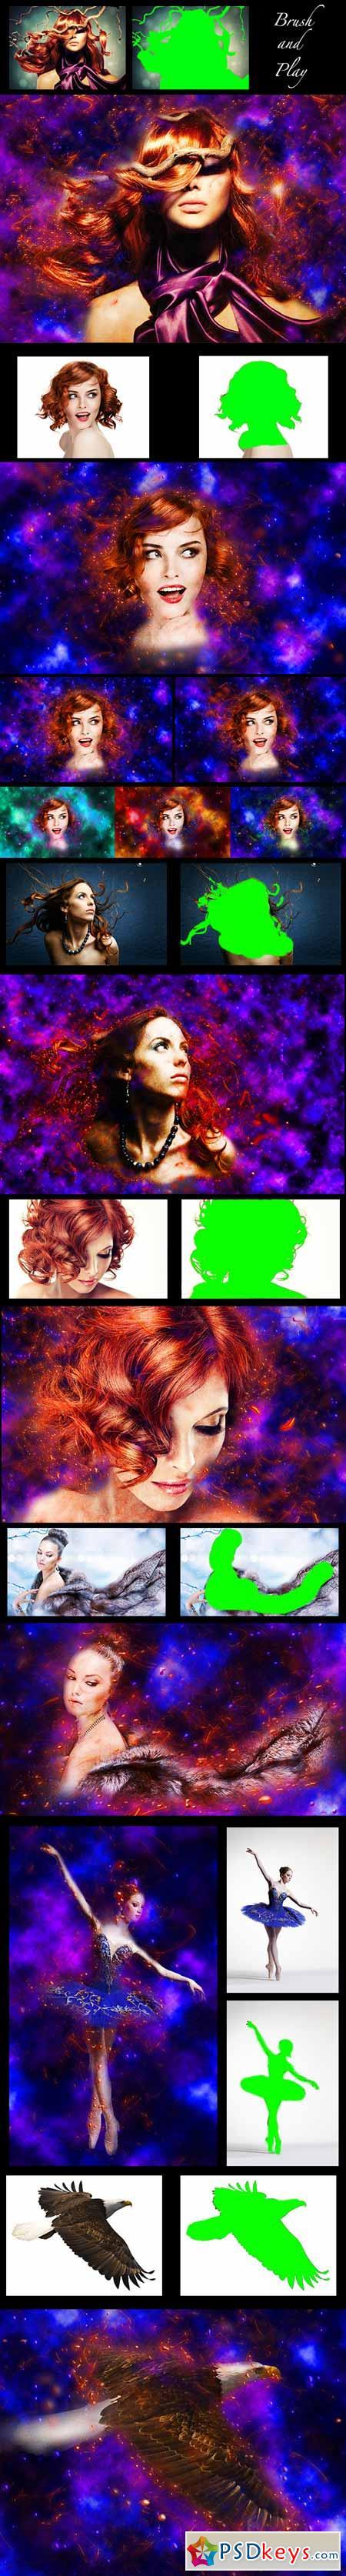 Cosmic Light Brushes - Free Photoshop Brushes at Brusheezy!